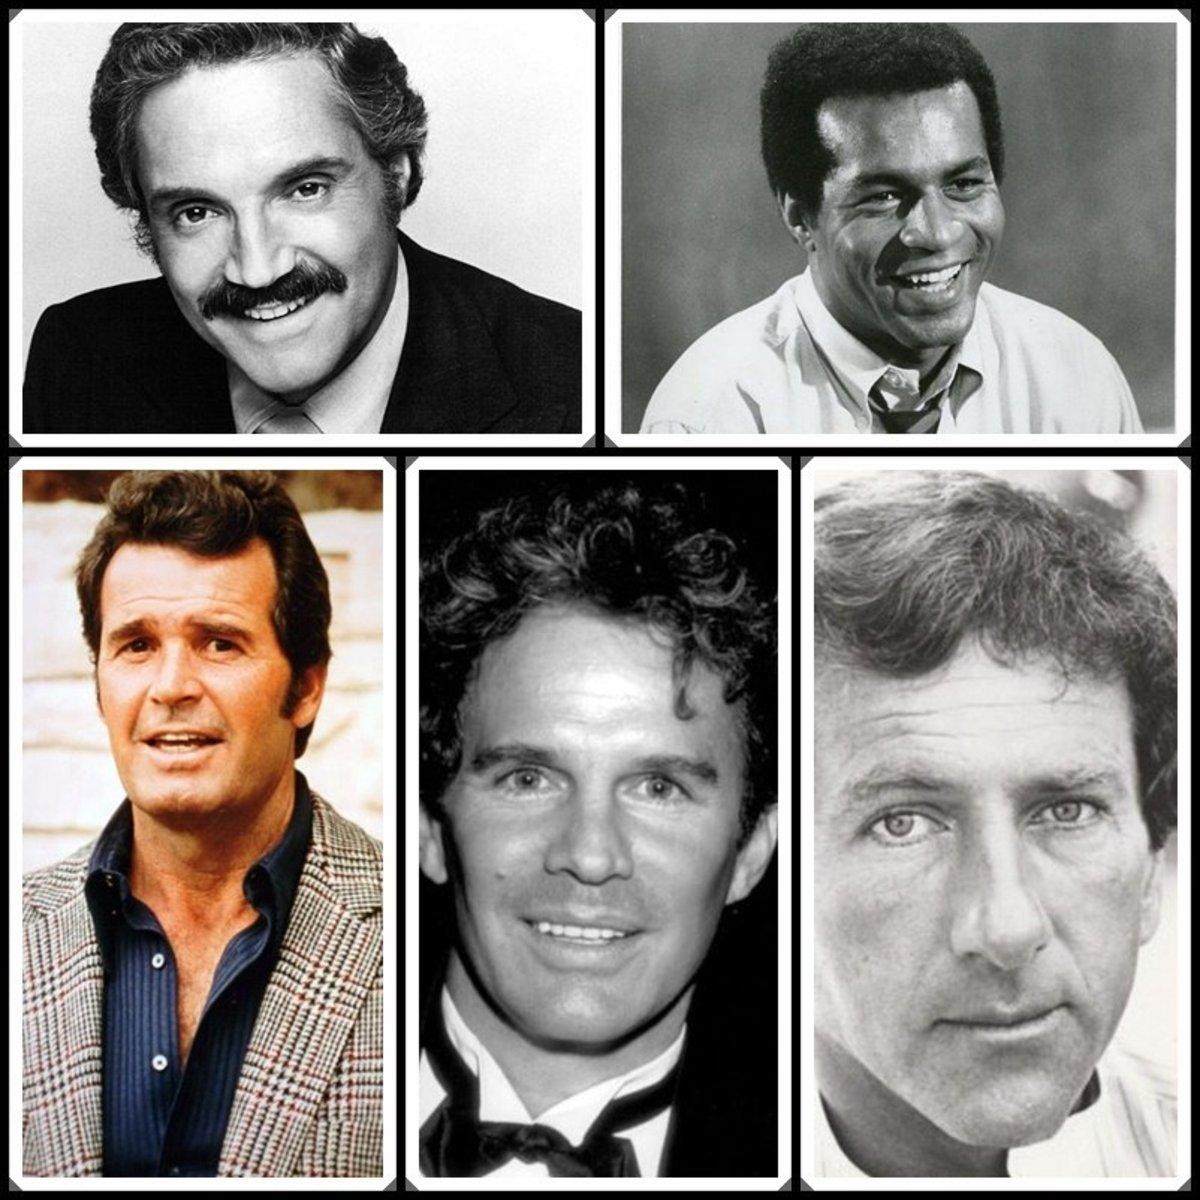 1970s Popular and Handsome TV Actors